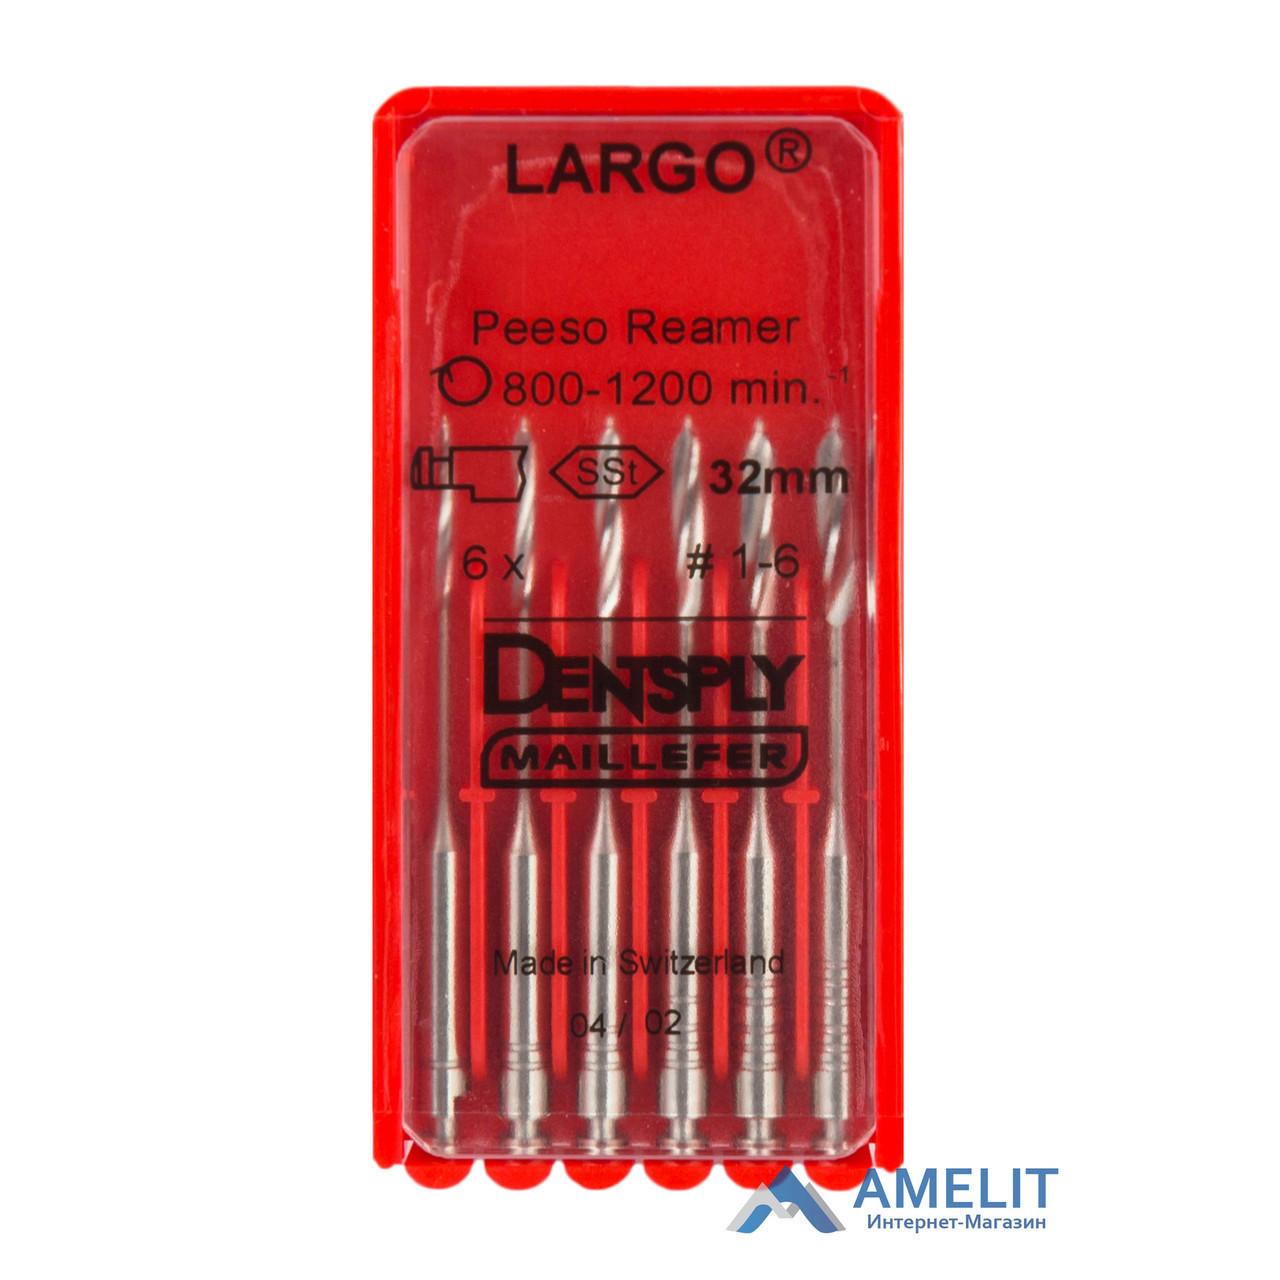 Ларго №1-6 (Largo, Dentsply Maillefer), 6шт./уп.